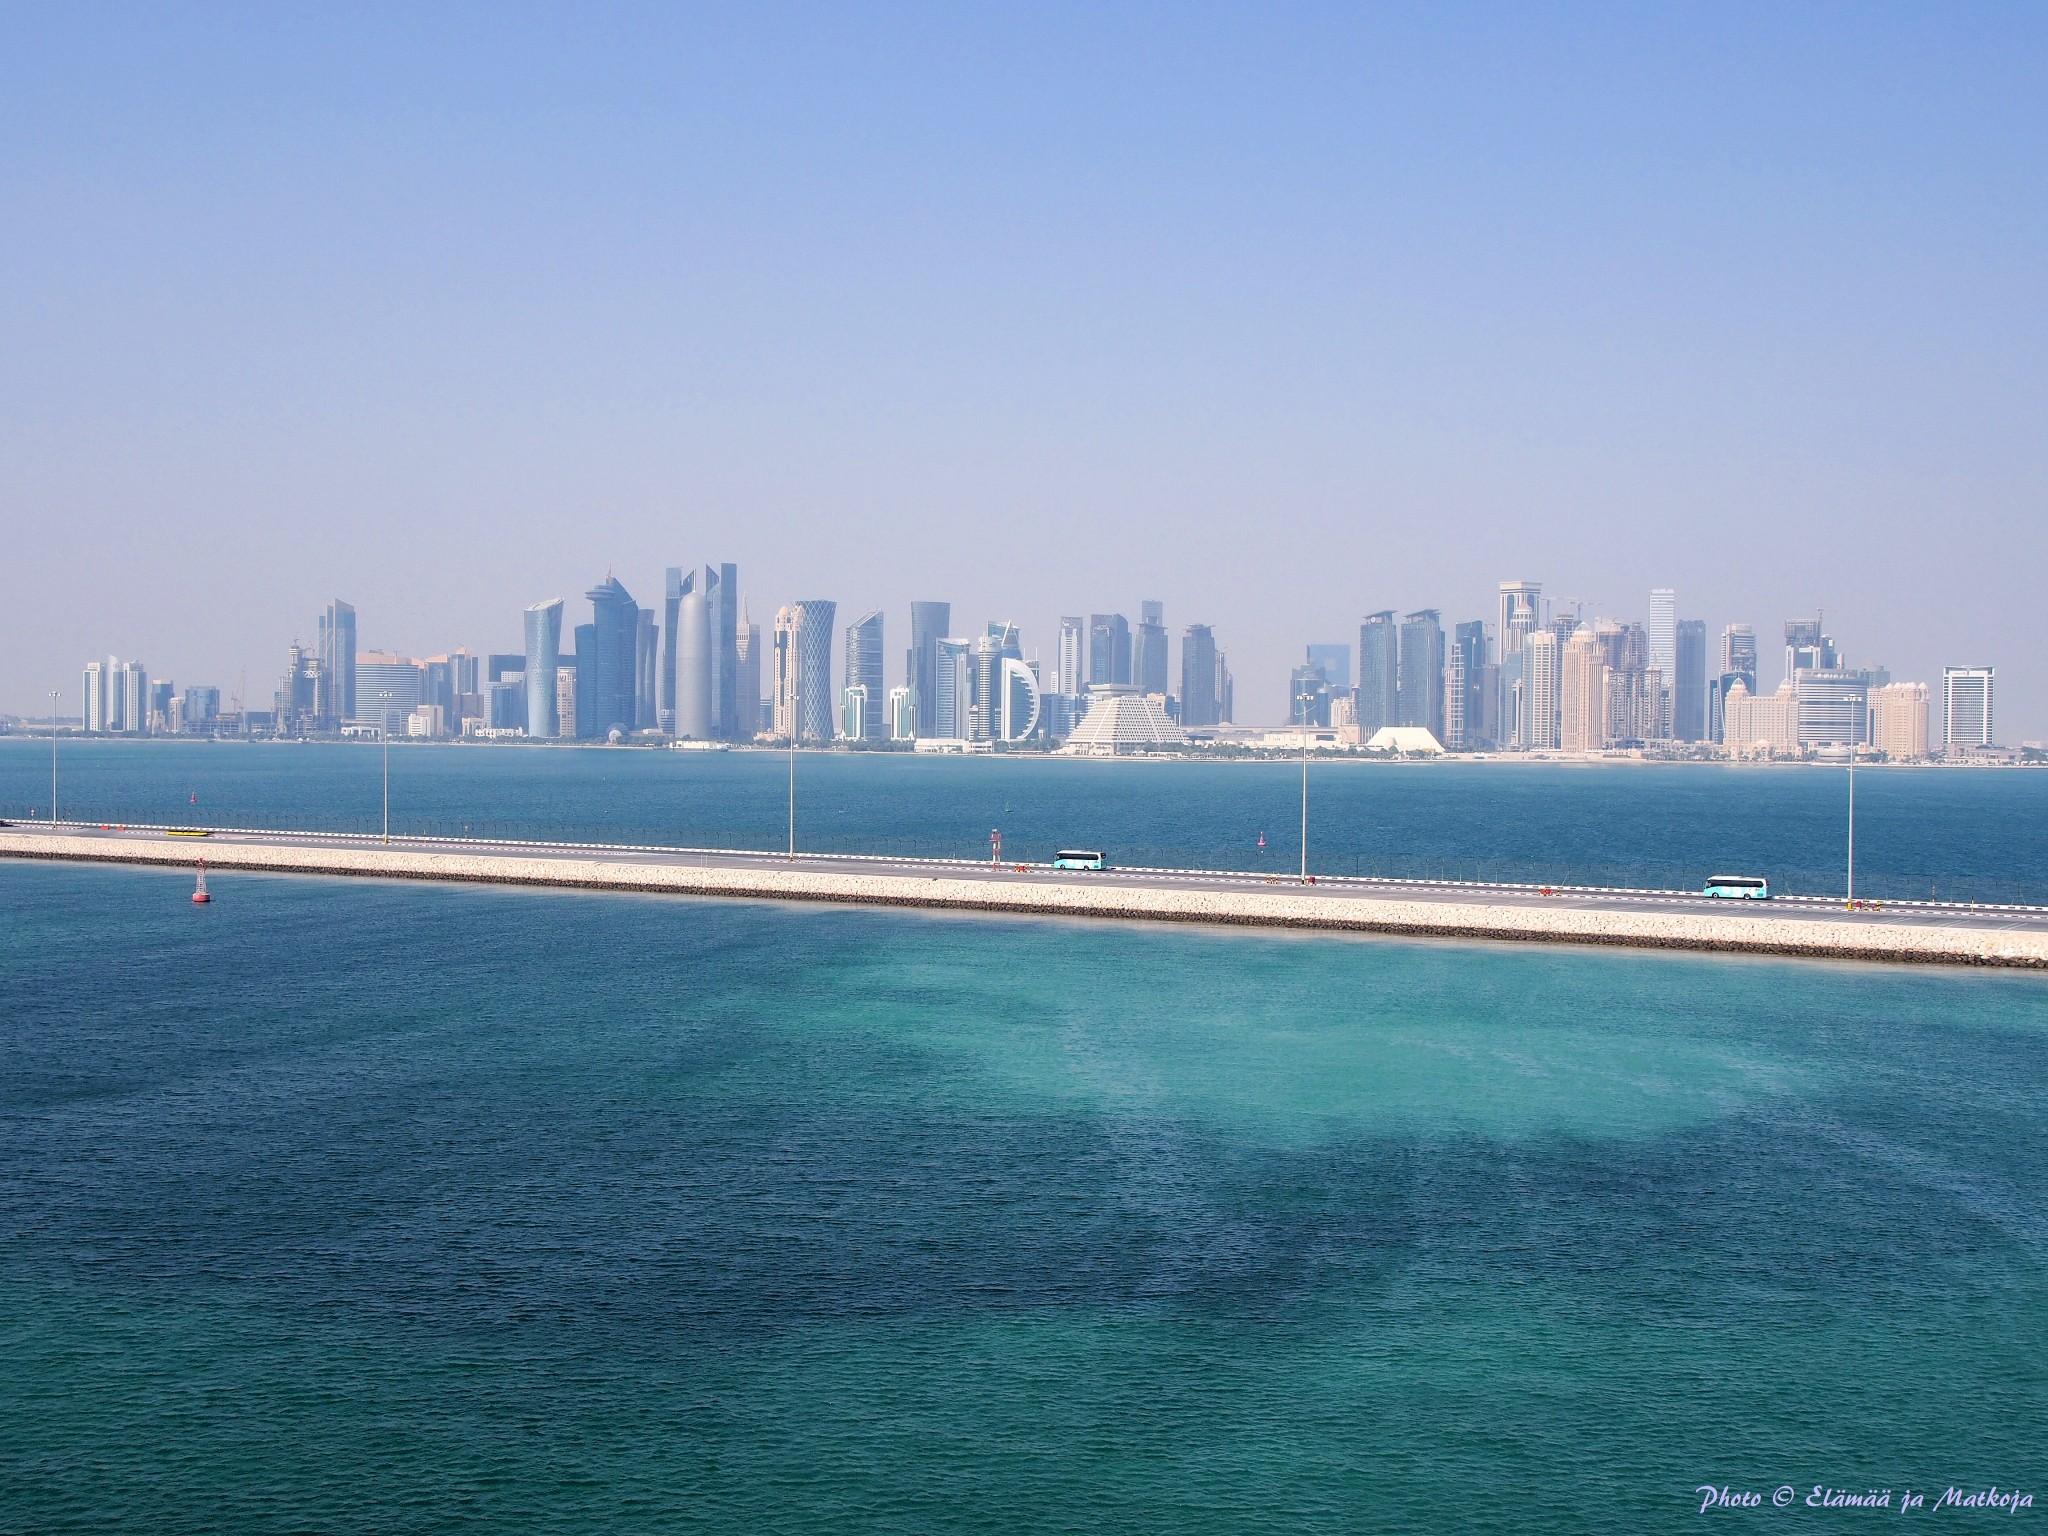 Aamun näkymä hytin parvekkeelta jokerikorttina reitille tulleeseem Qatarin pääkaupunki Dohaan. Photo © Elämää ja Matkoja